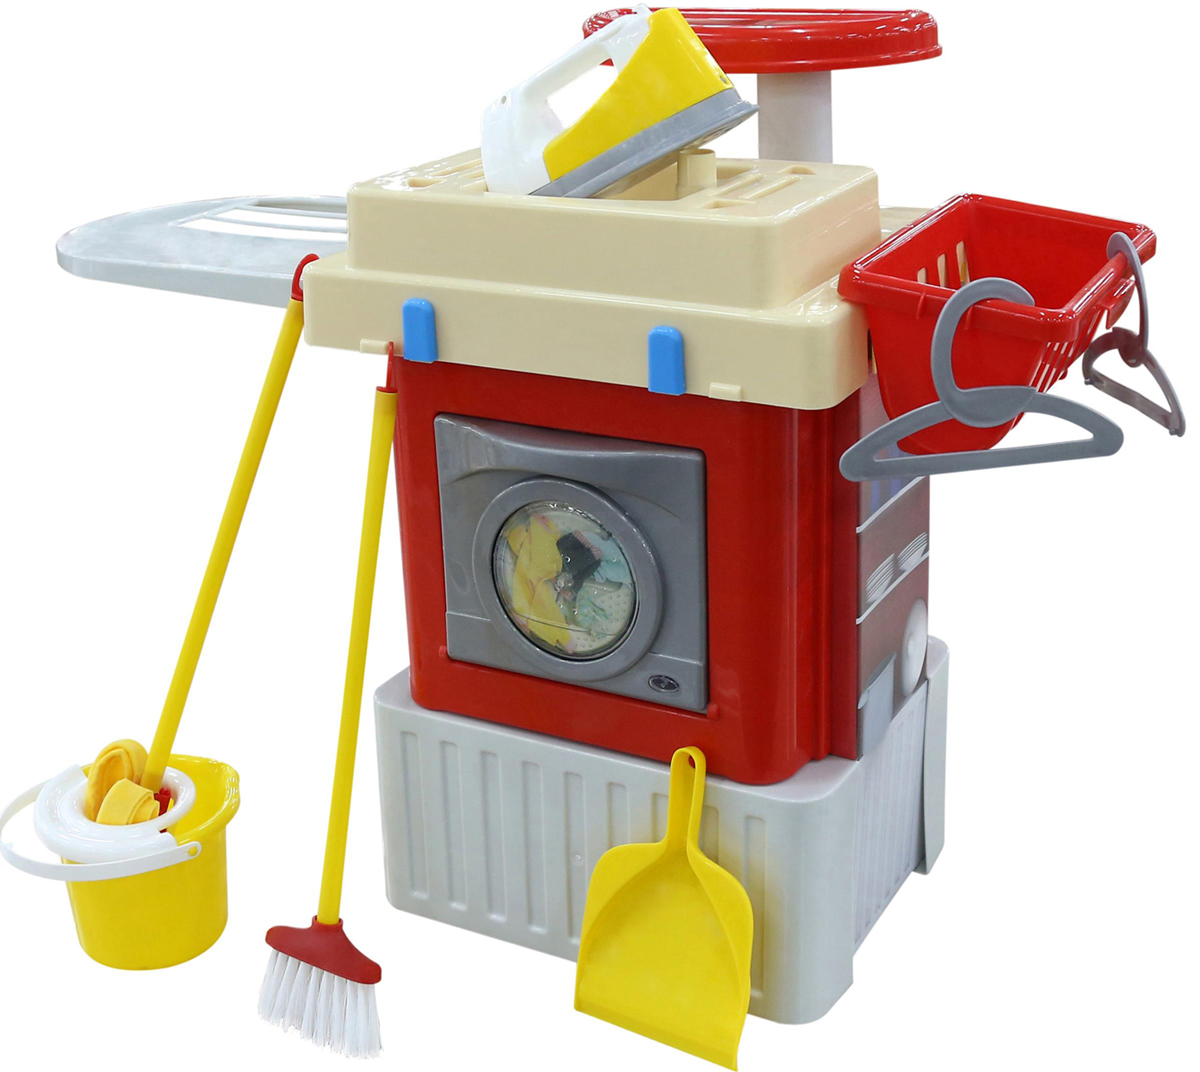 Полесье Игровой набор со стиральной машиной Infinity Basic №3